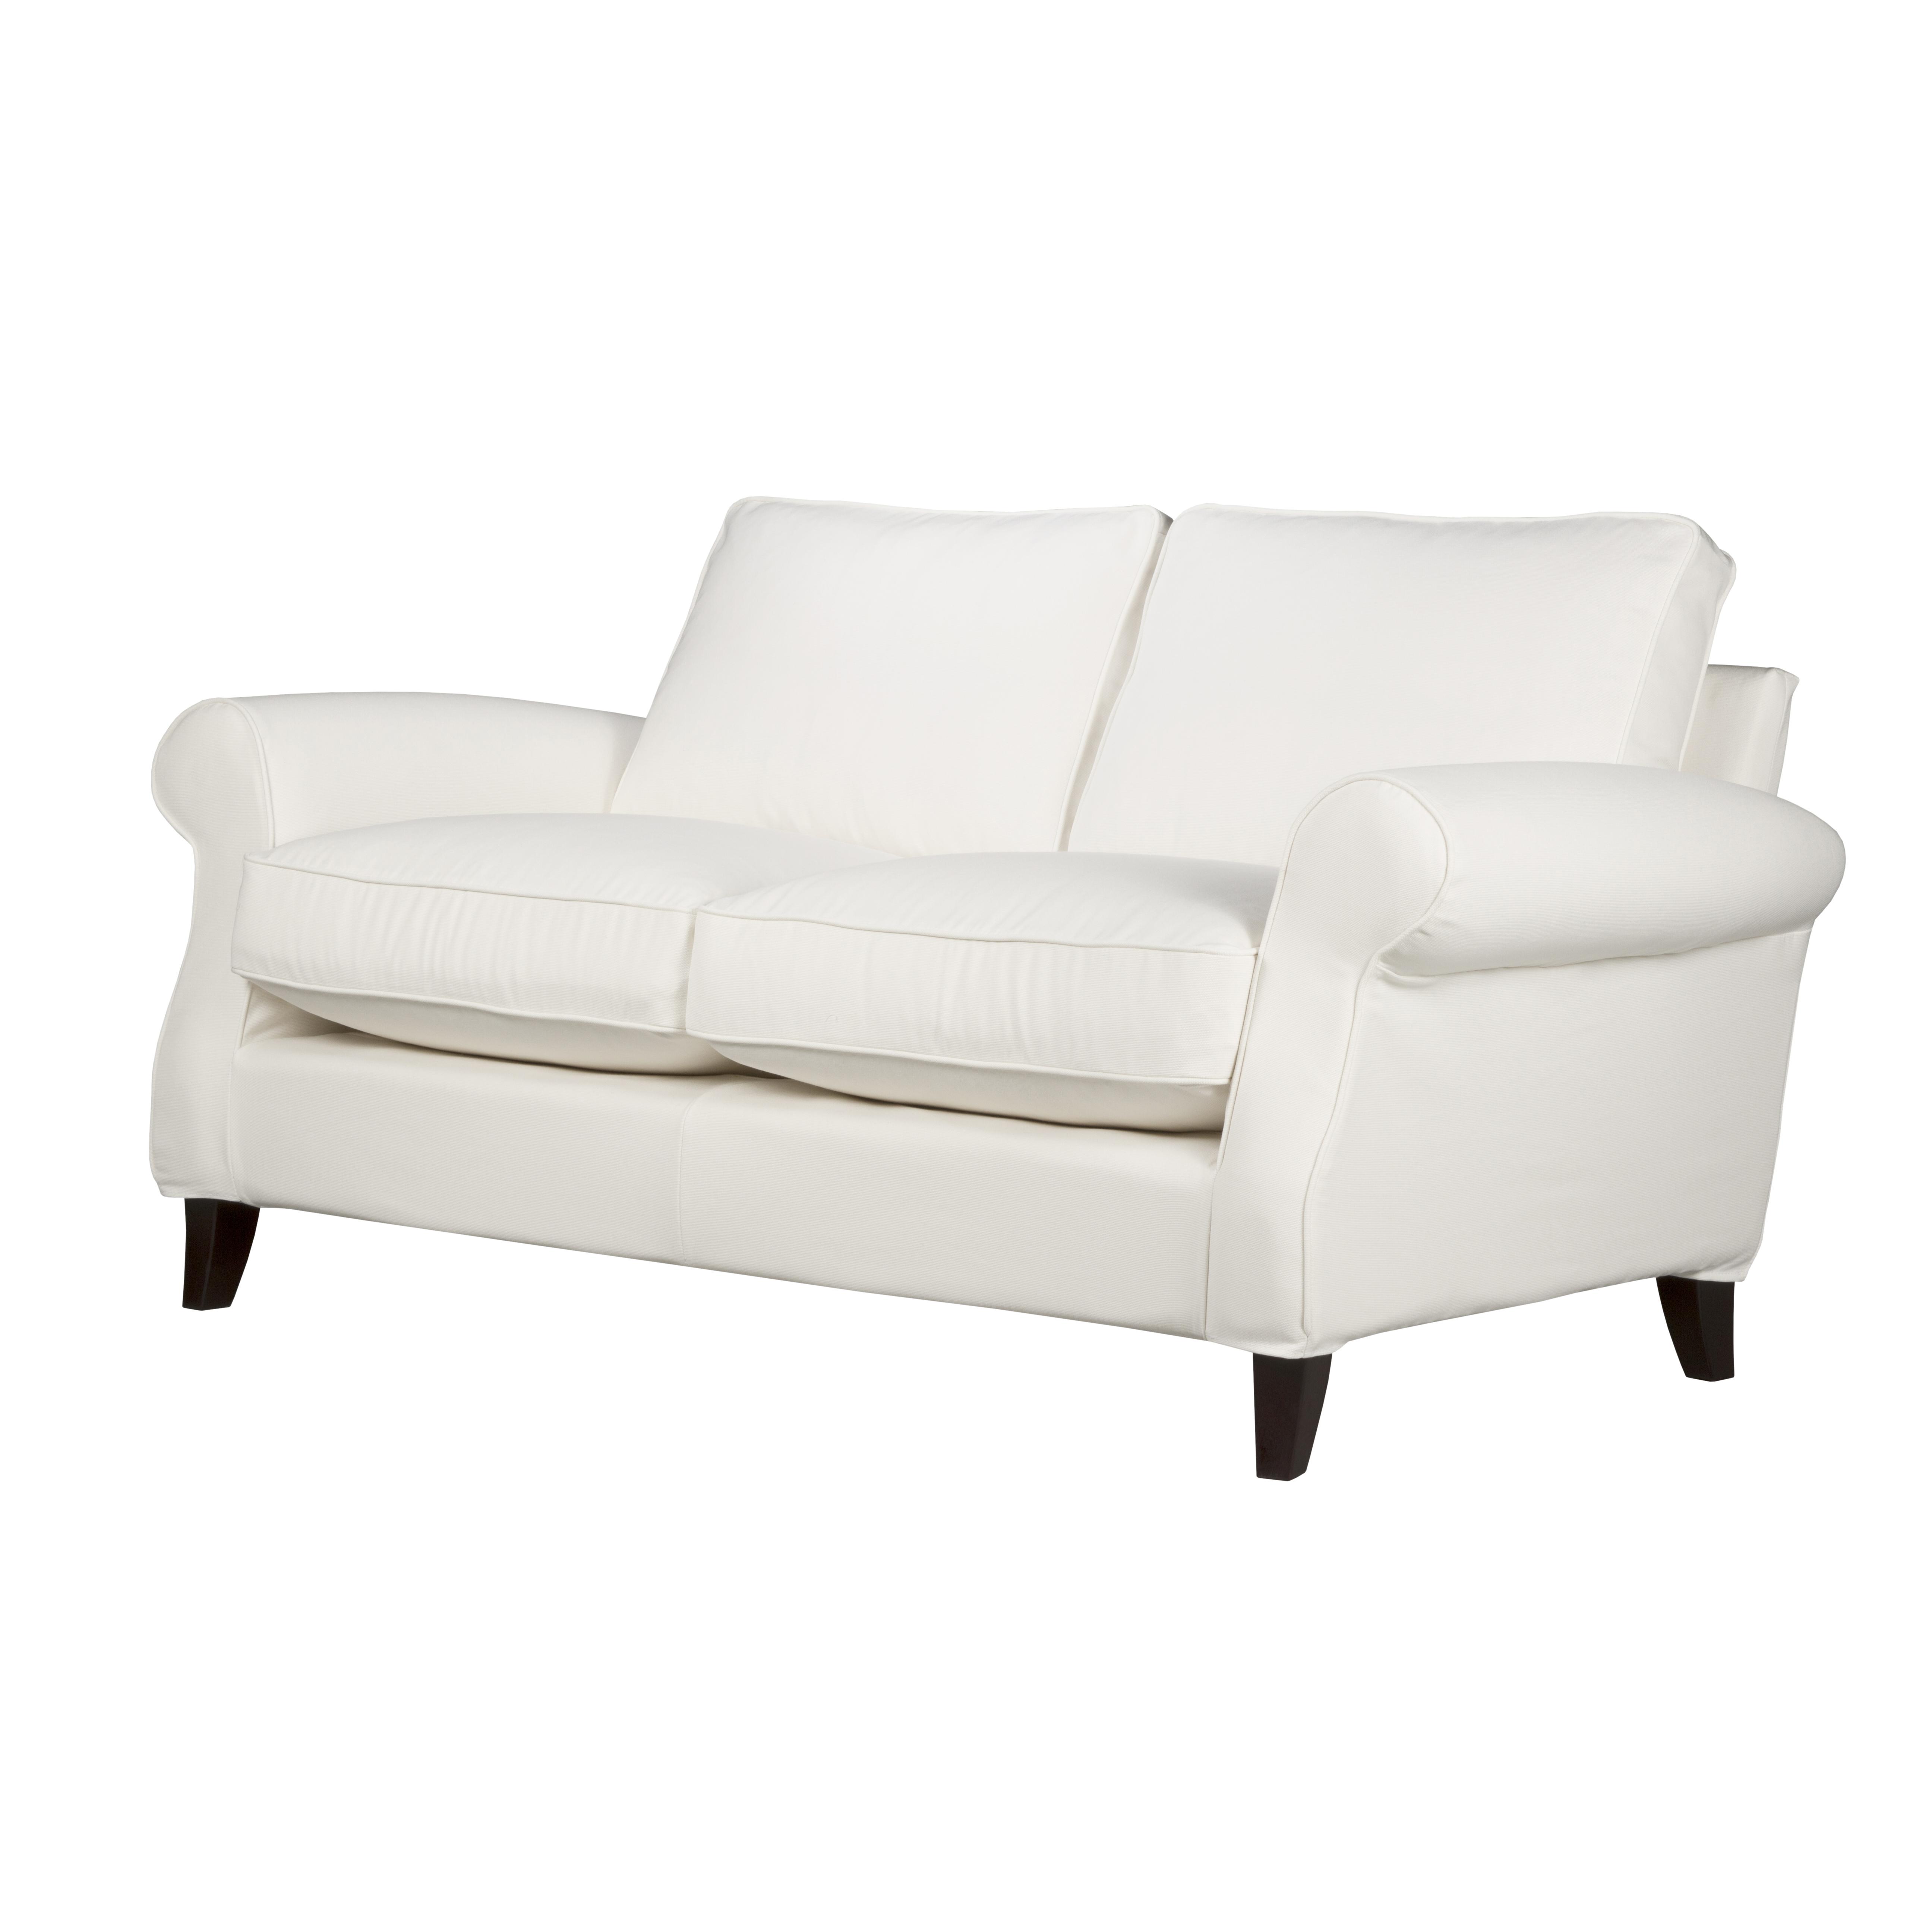 Djursholm soffa 2-sits snett framifrån - englesson.se